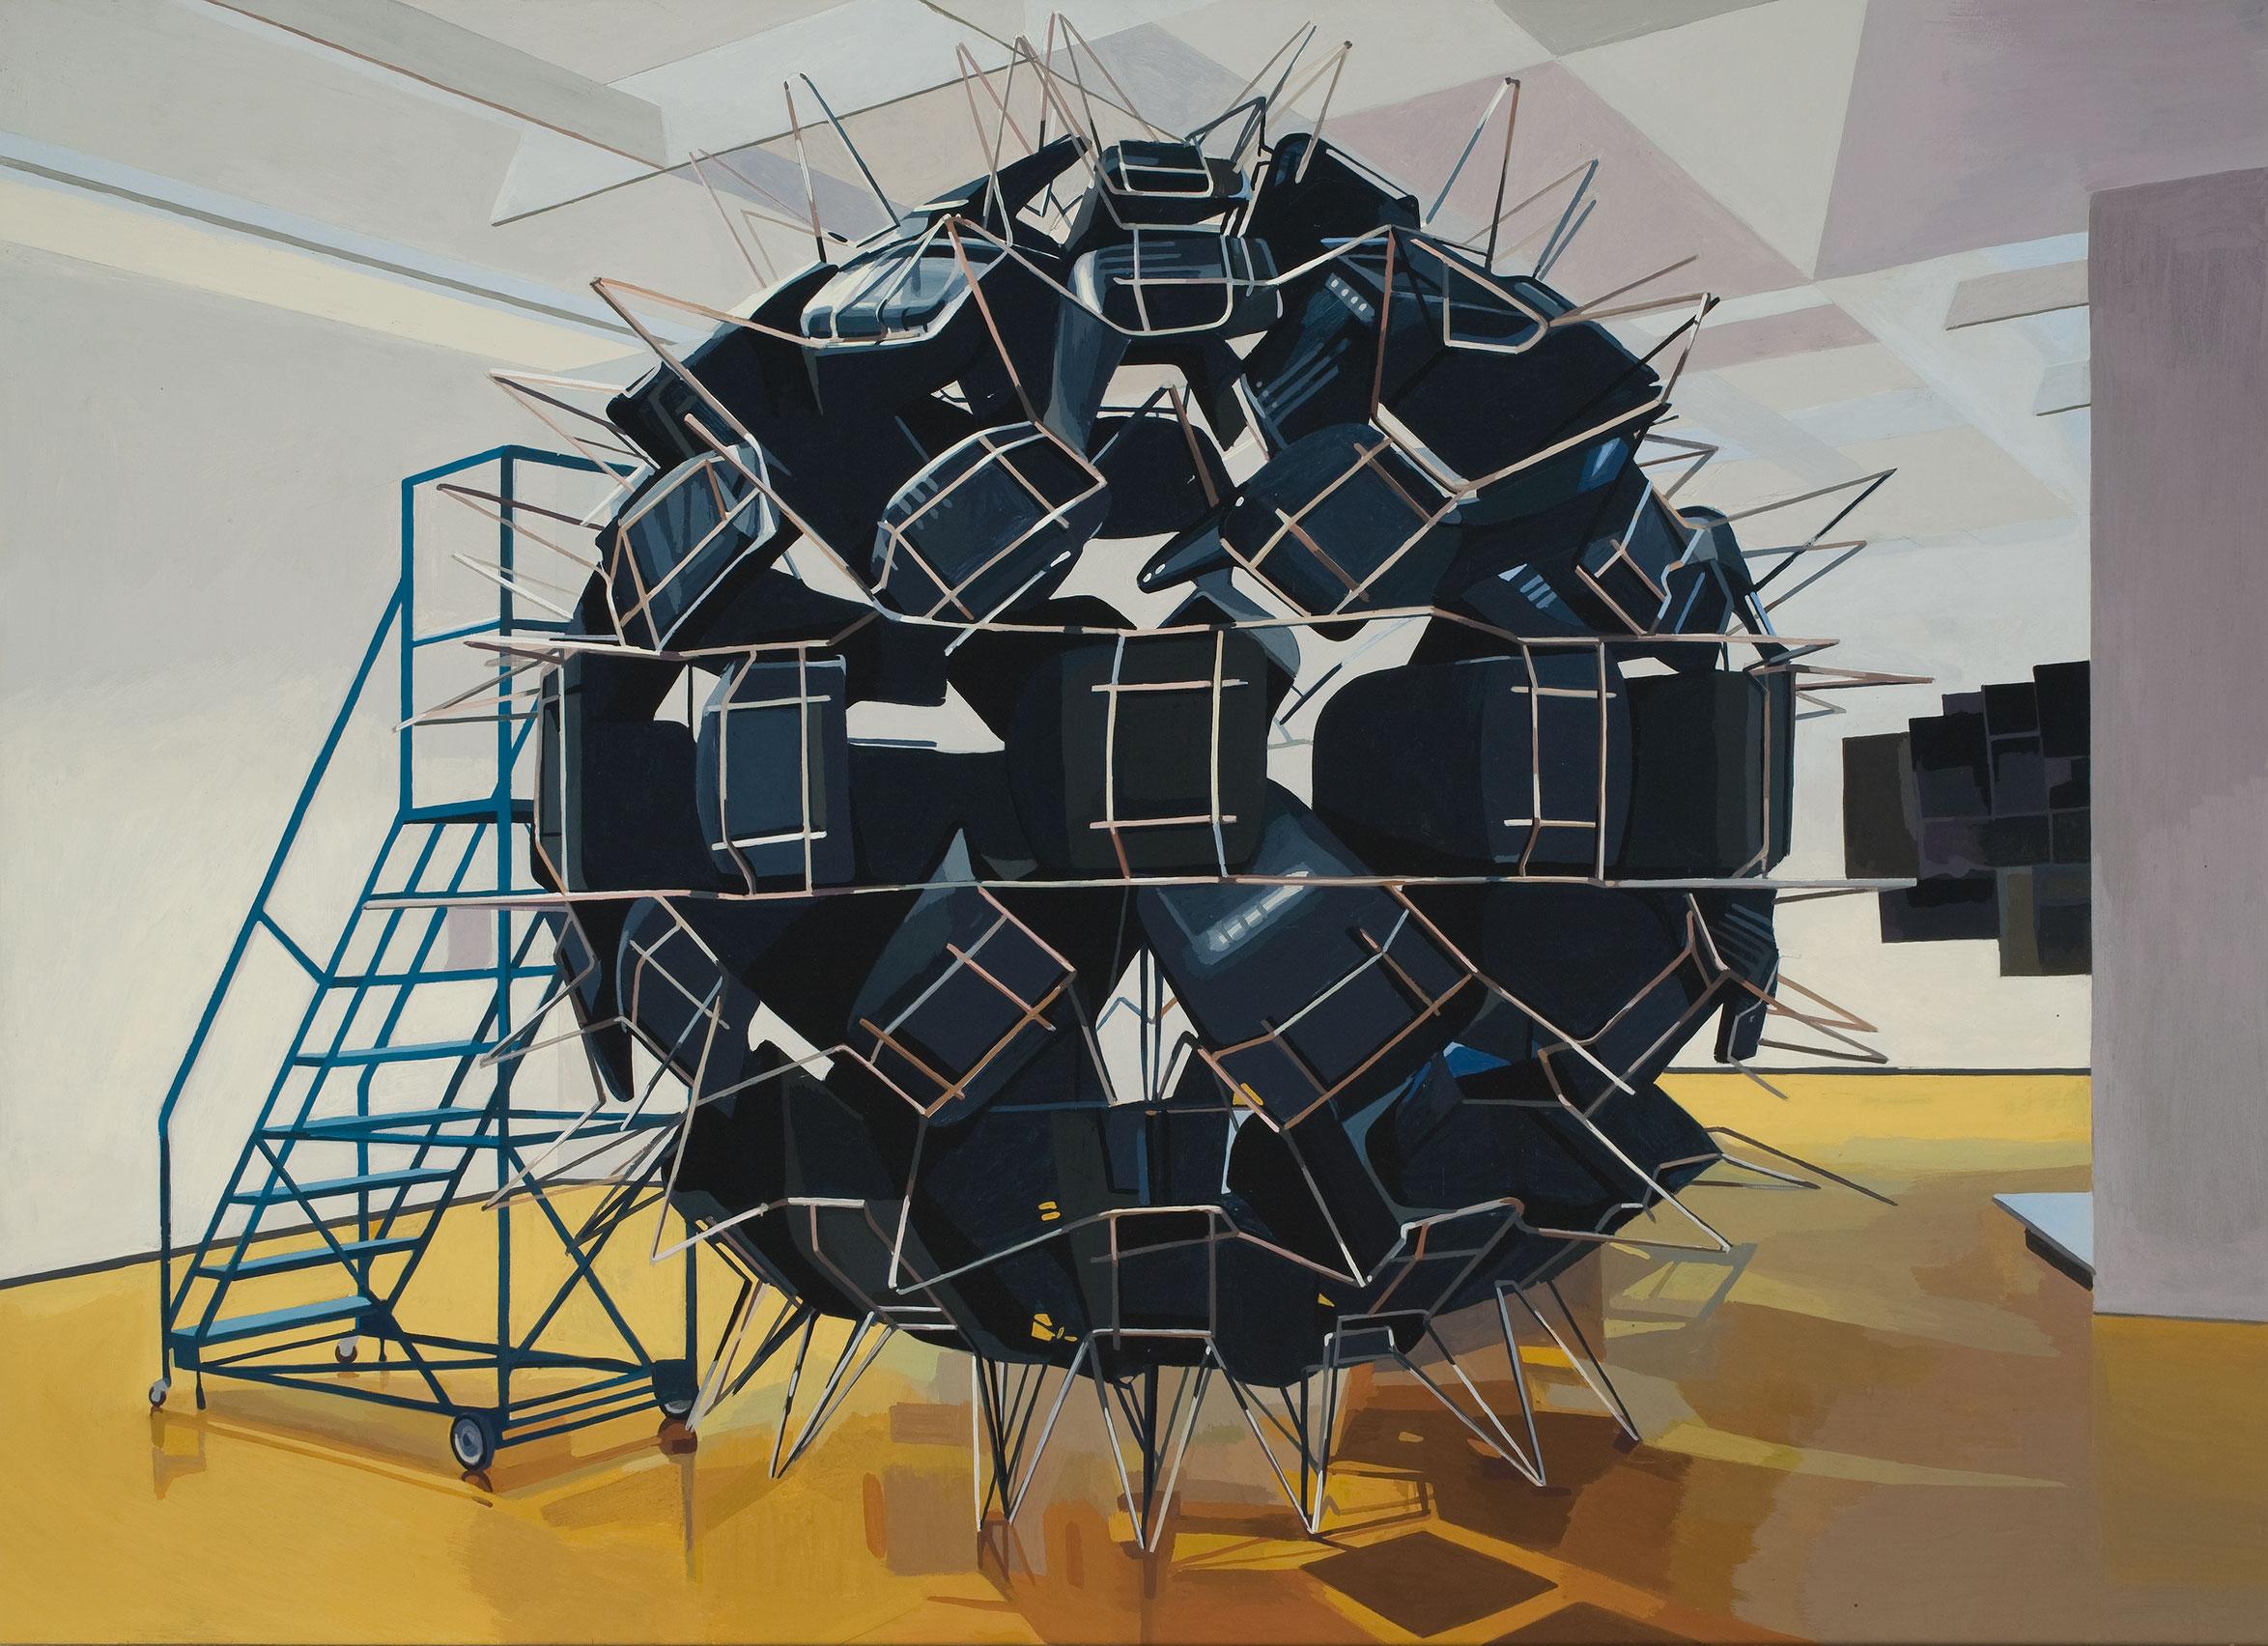 Installation (Michel de Broin) at the MAC, 2008, Michael Merrill, Gouache vinylique sur panneau de bois.